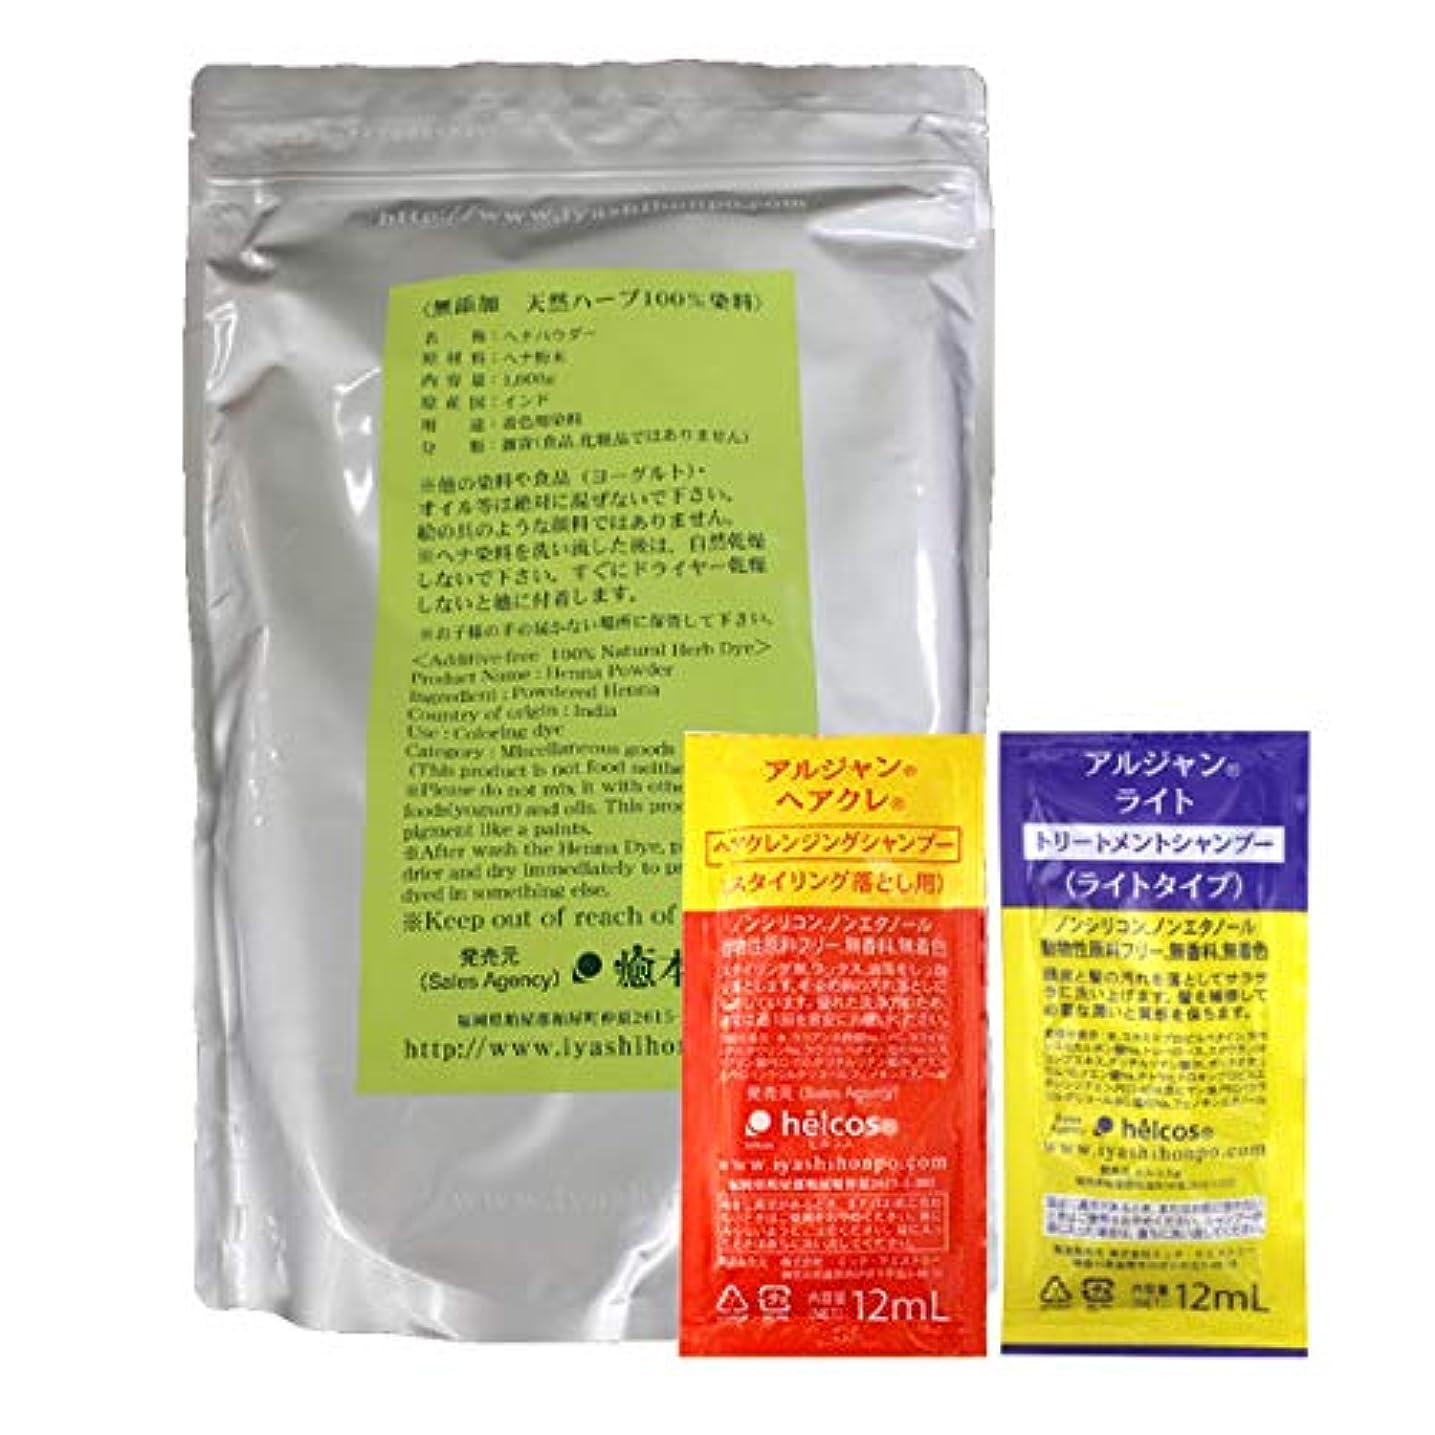 不足広告反対に白髪染め ヘナ(天然染料100%) 1,000g + シャンプー2種セット 癒本舗(ブラウン)